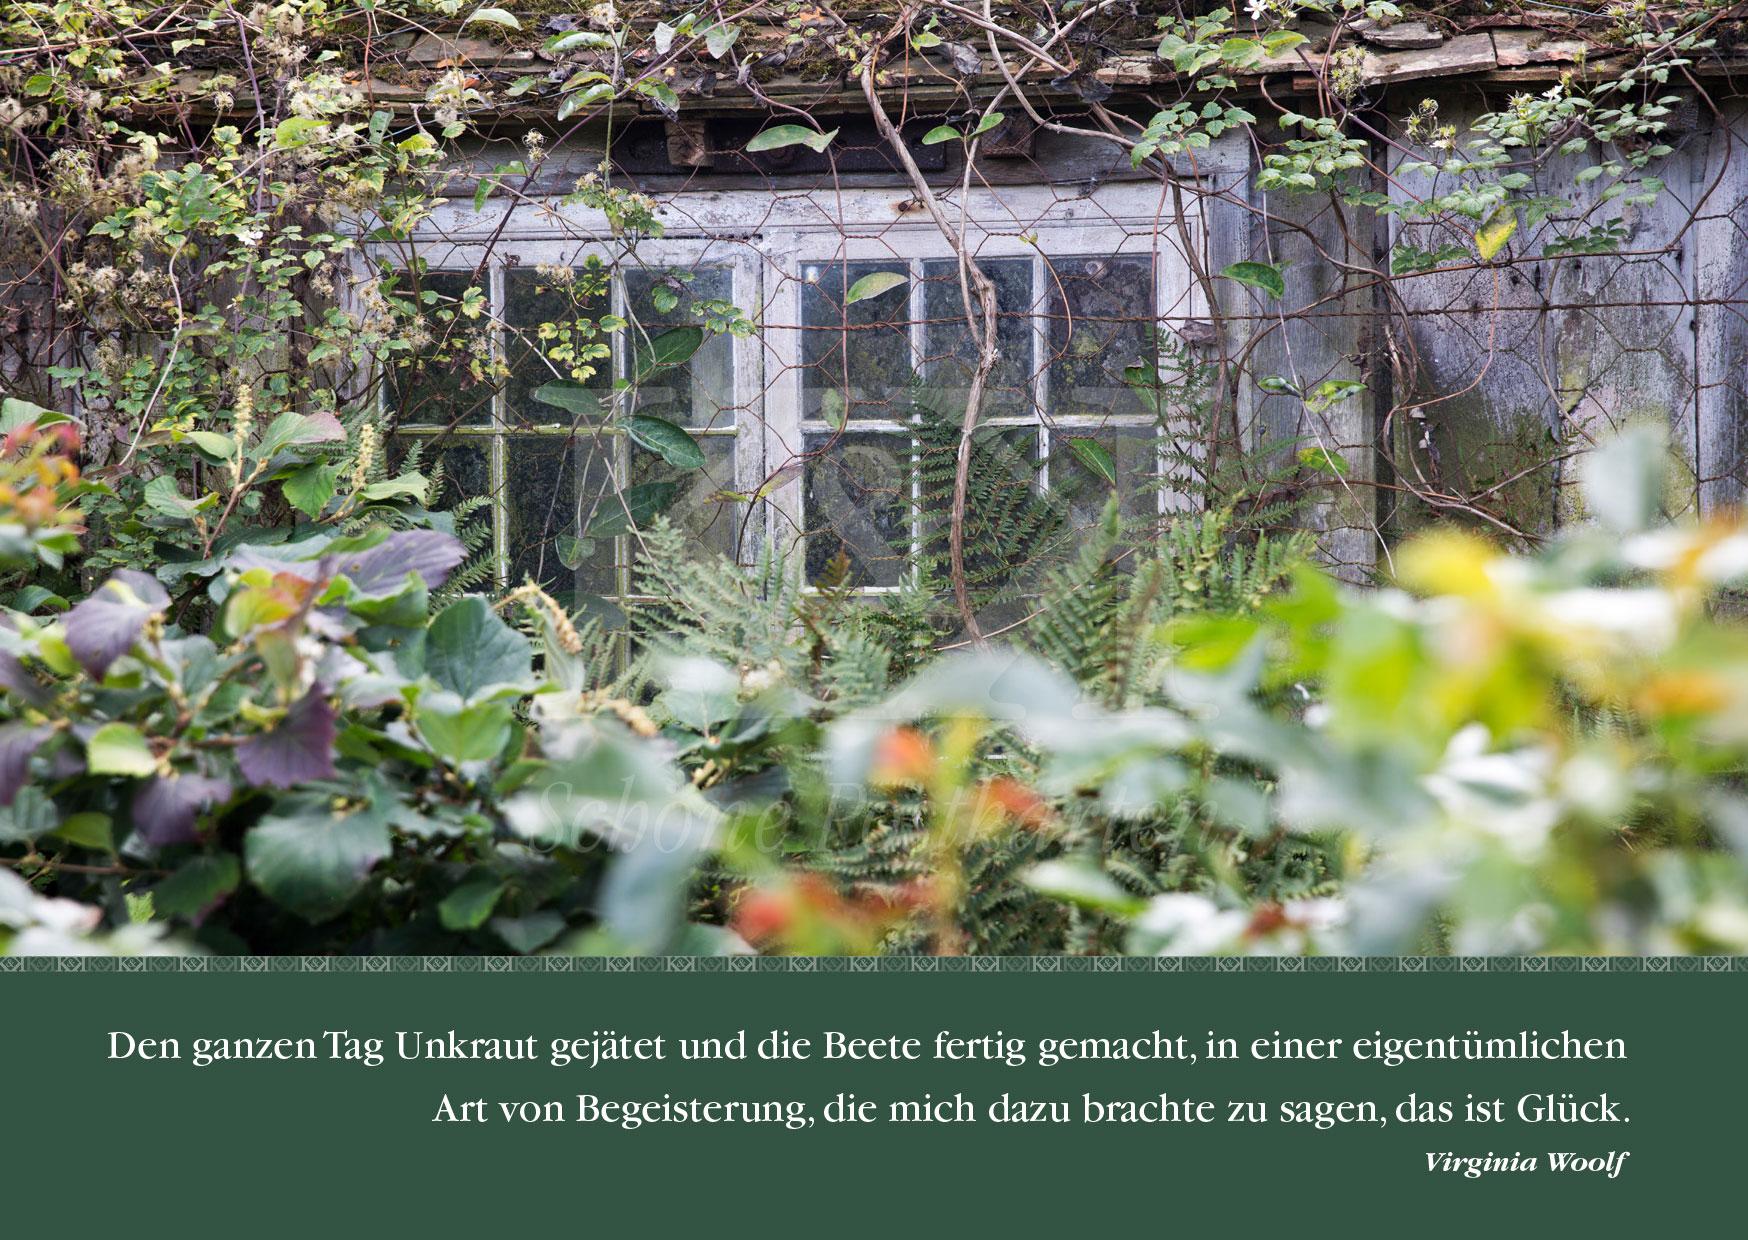 Schöne Postkarte Nr. 2 · Virginia Woolf: Unkraut jäten im Garten · © 2017